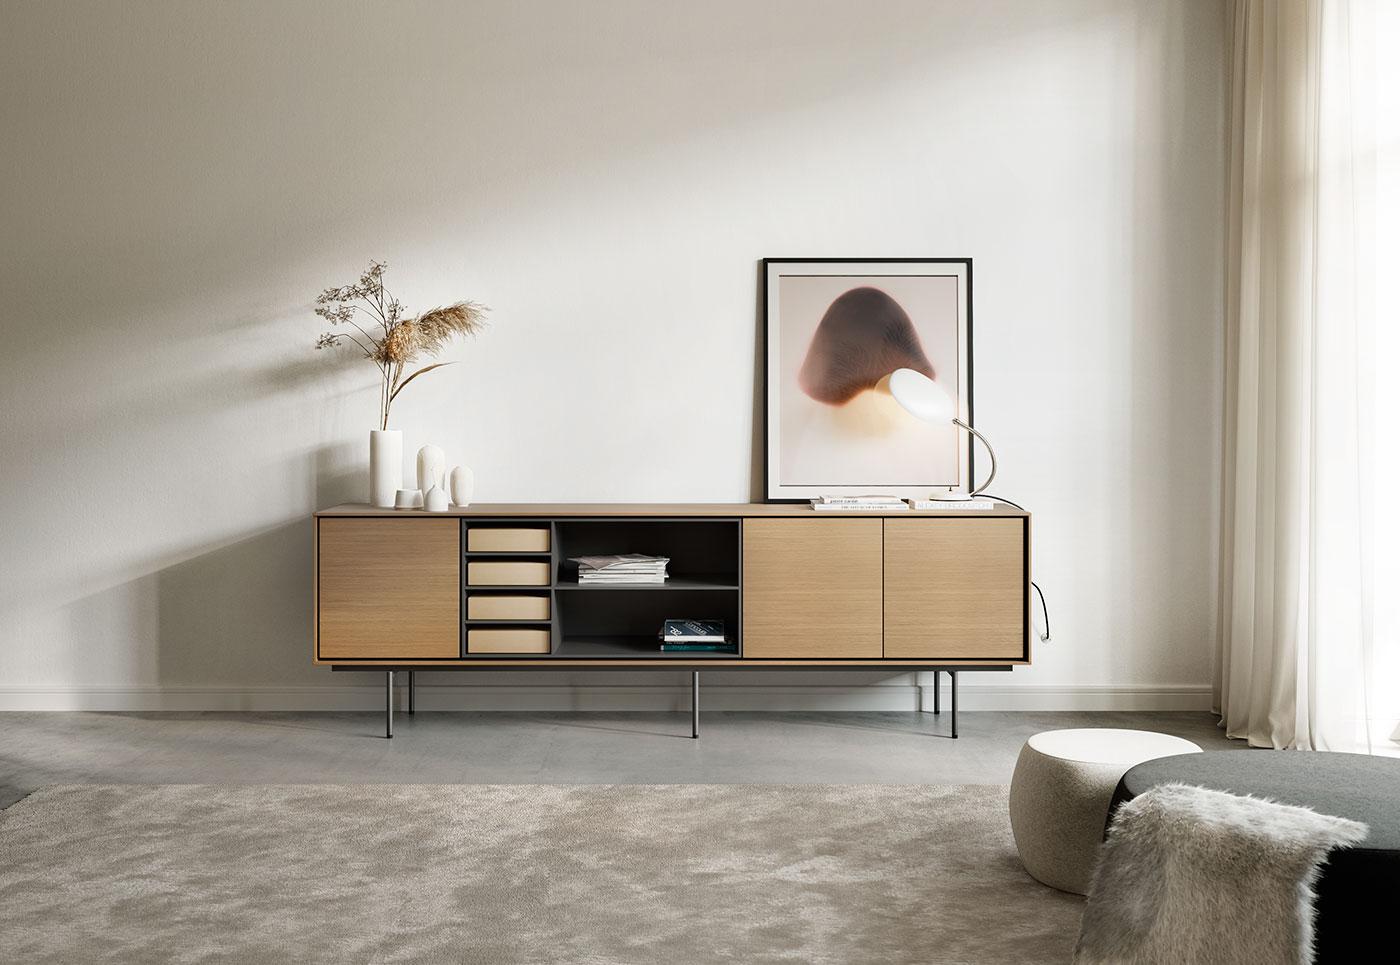 Migliori Libri Interior Design arredare in stile nordico